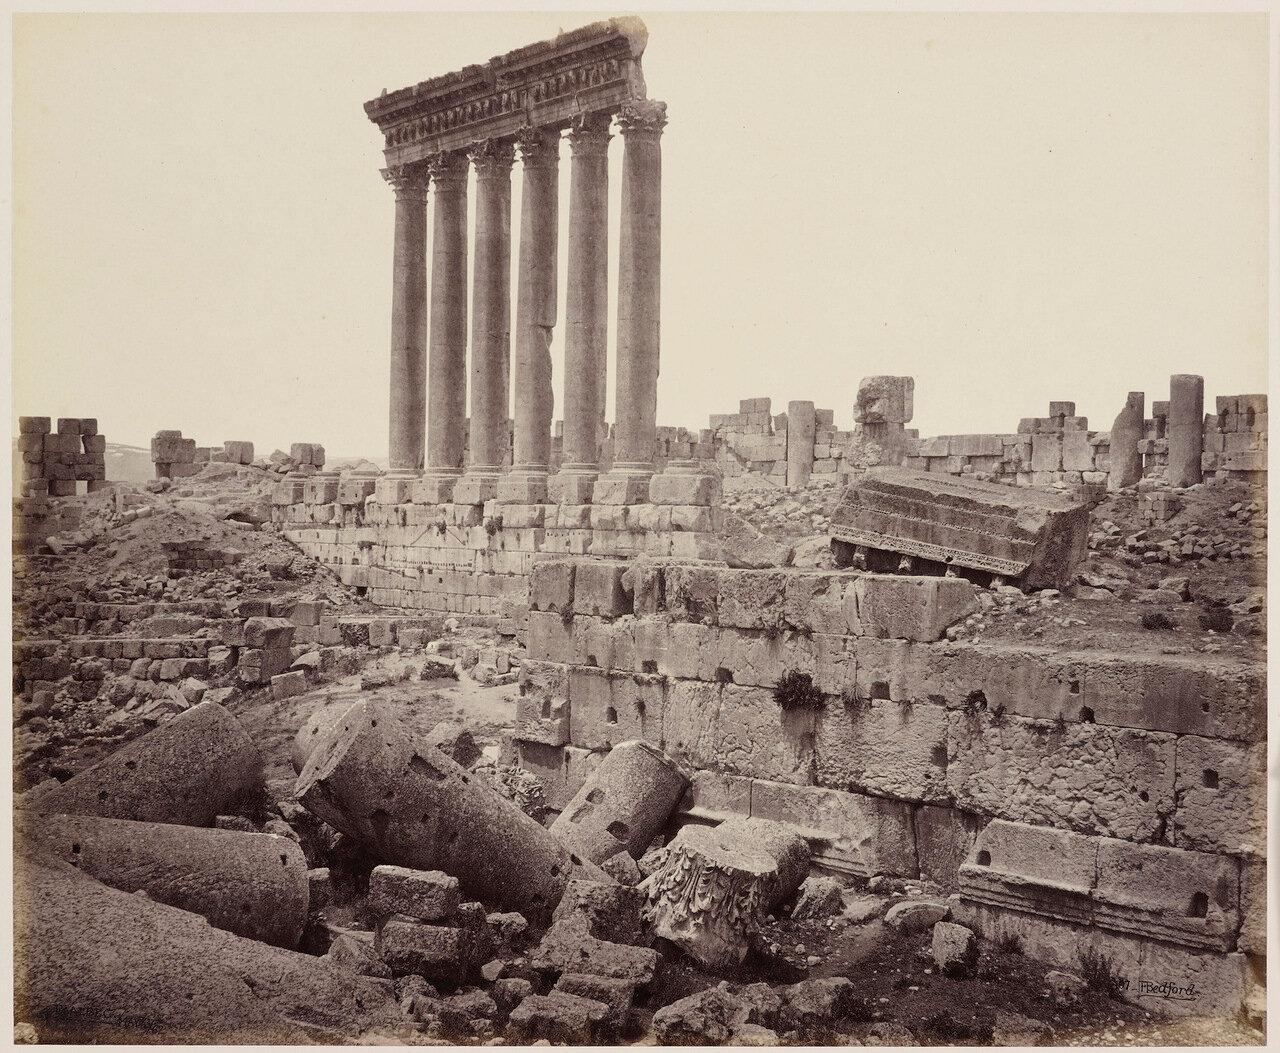 4 мая 1862. Большие колонны храма Солнца с юго-востока, Баальбек